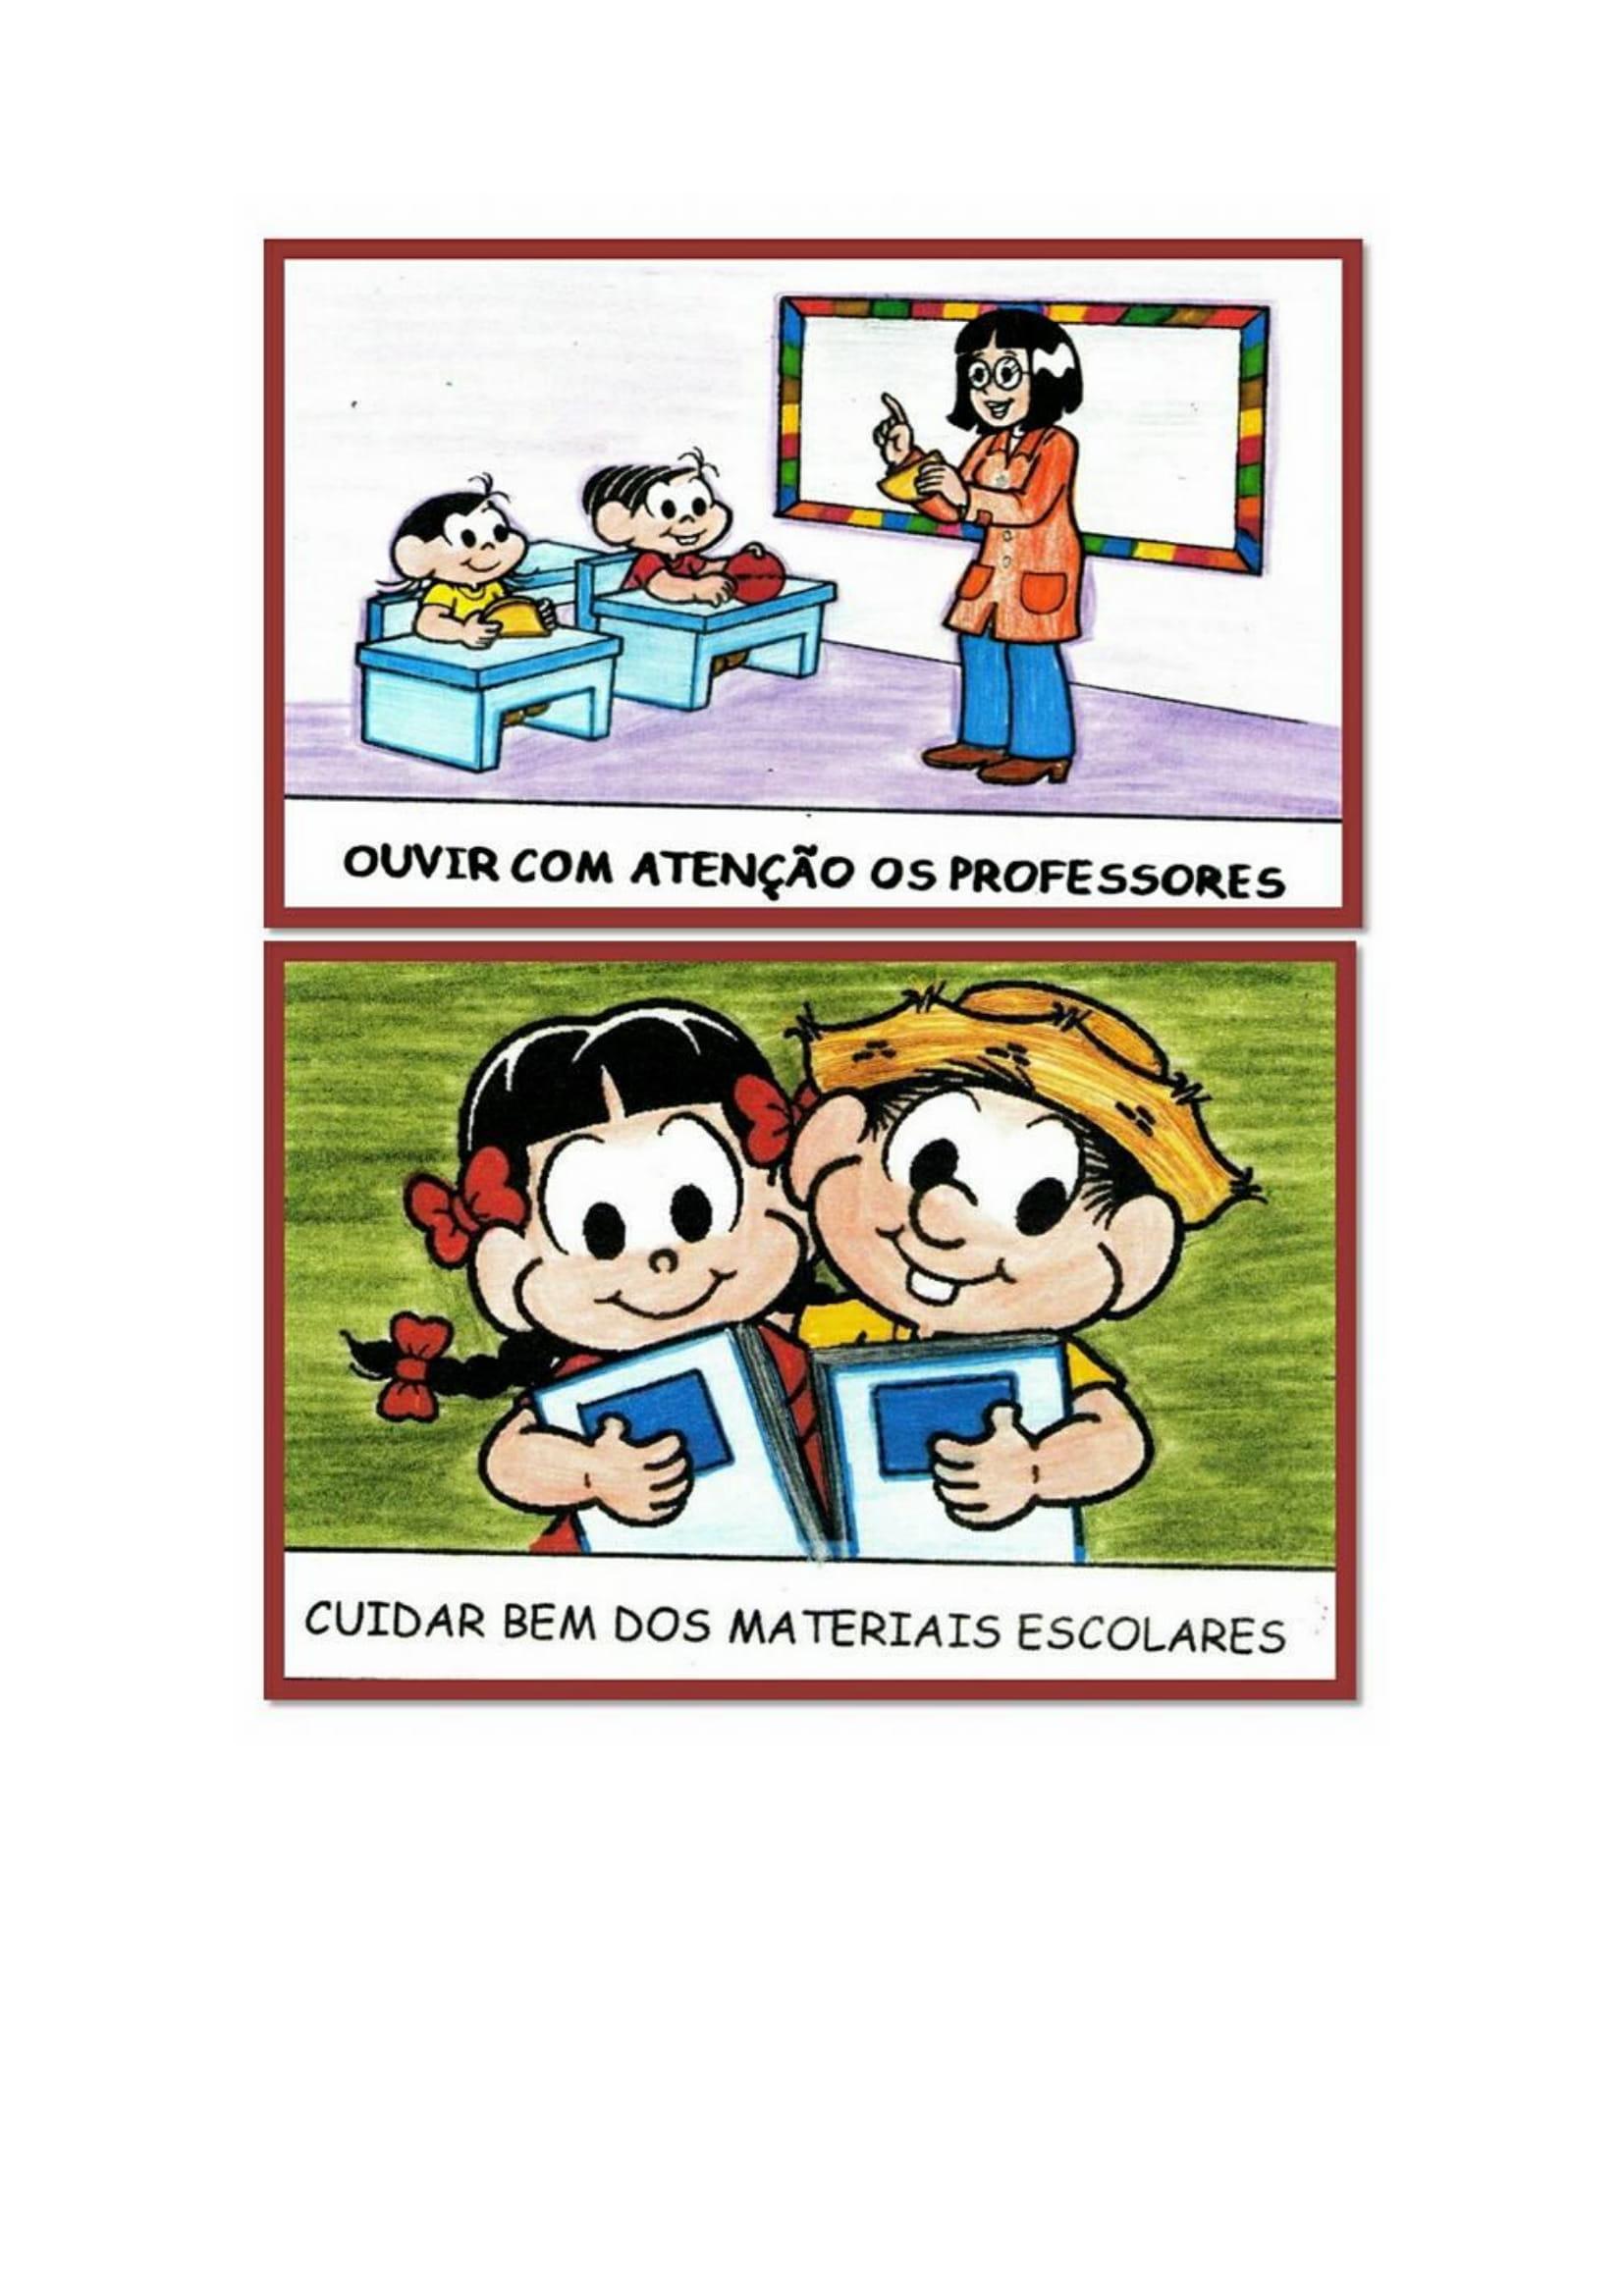 Regrinhas-e-Combinados-da-Turma-da-Mônica-em-PDF-6